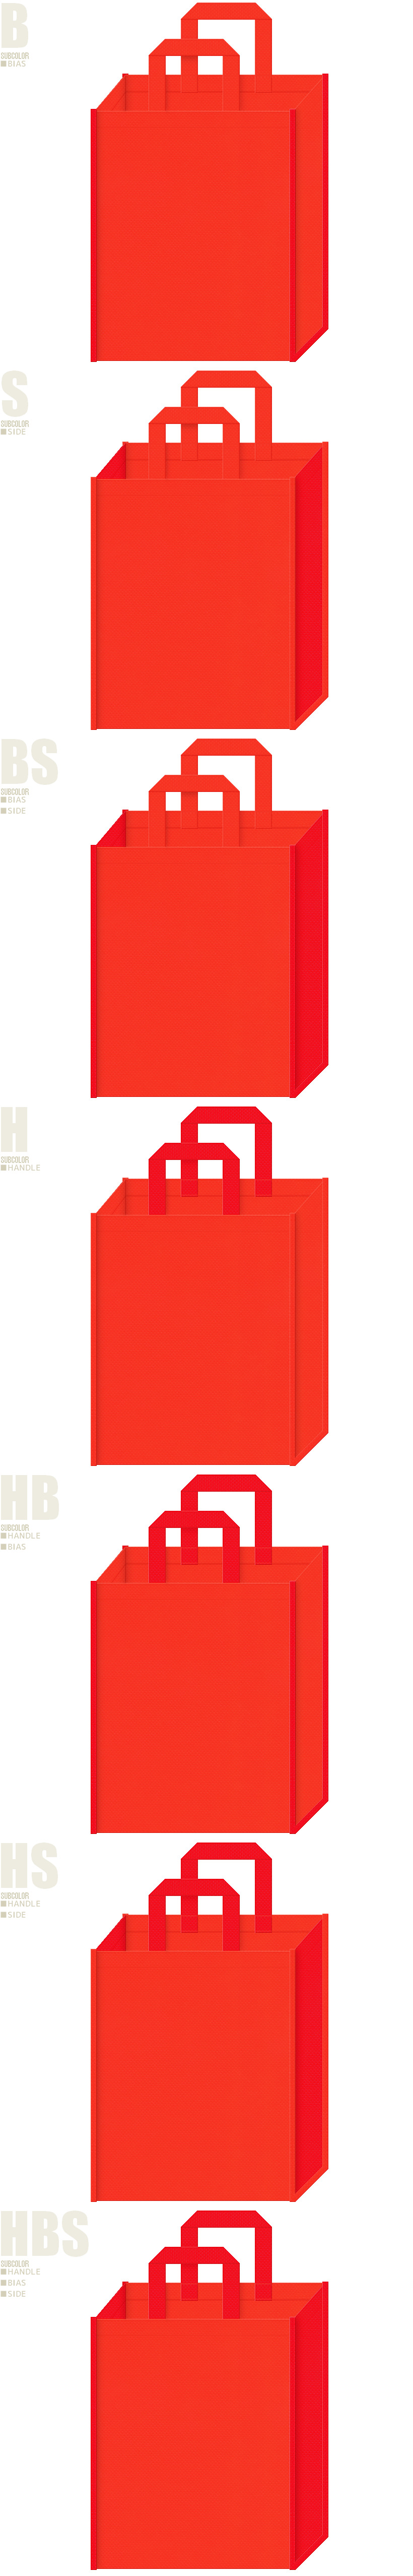 オレンジ色と赤色-7パターンの不織布トートバッグ配色デザイン例